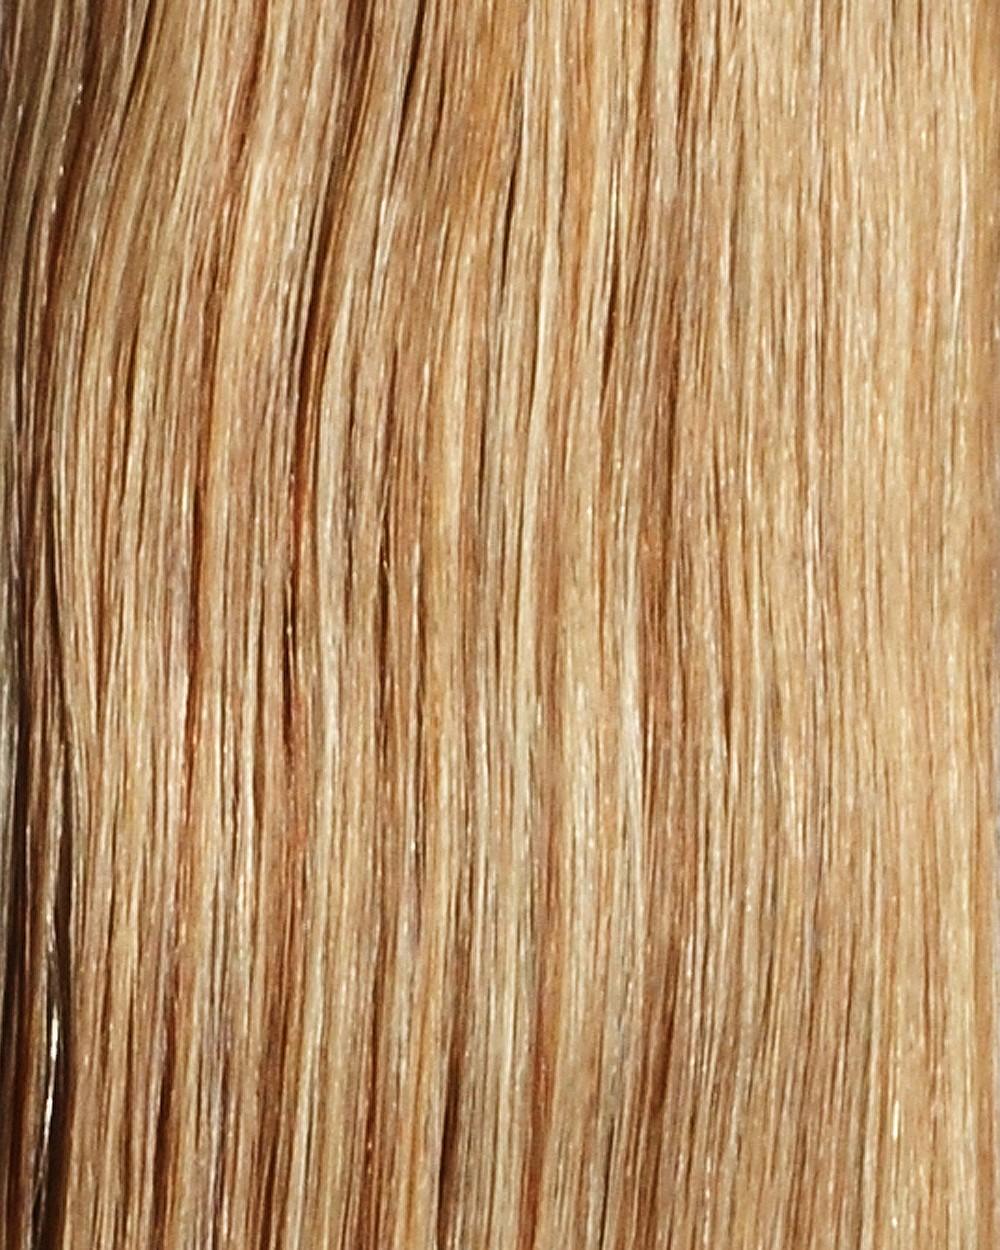 Dark Ash Blonde Light Blonde Mix (18-22)